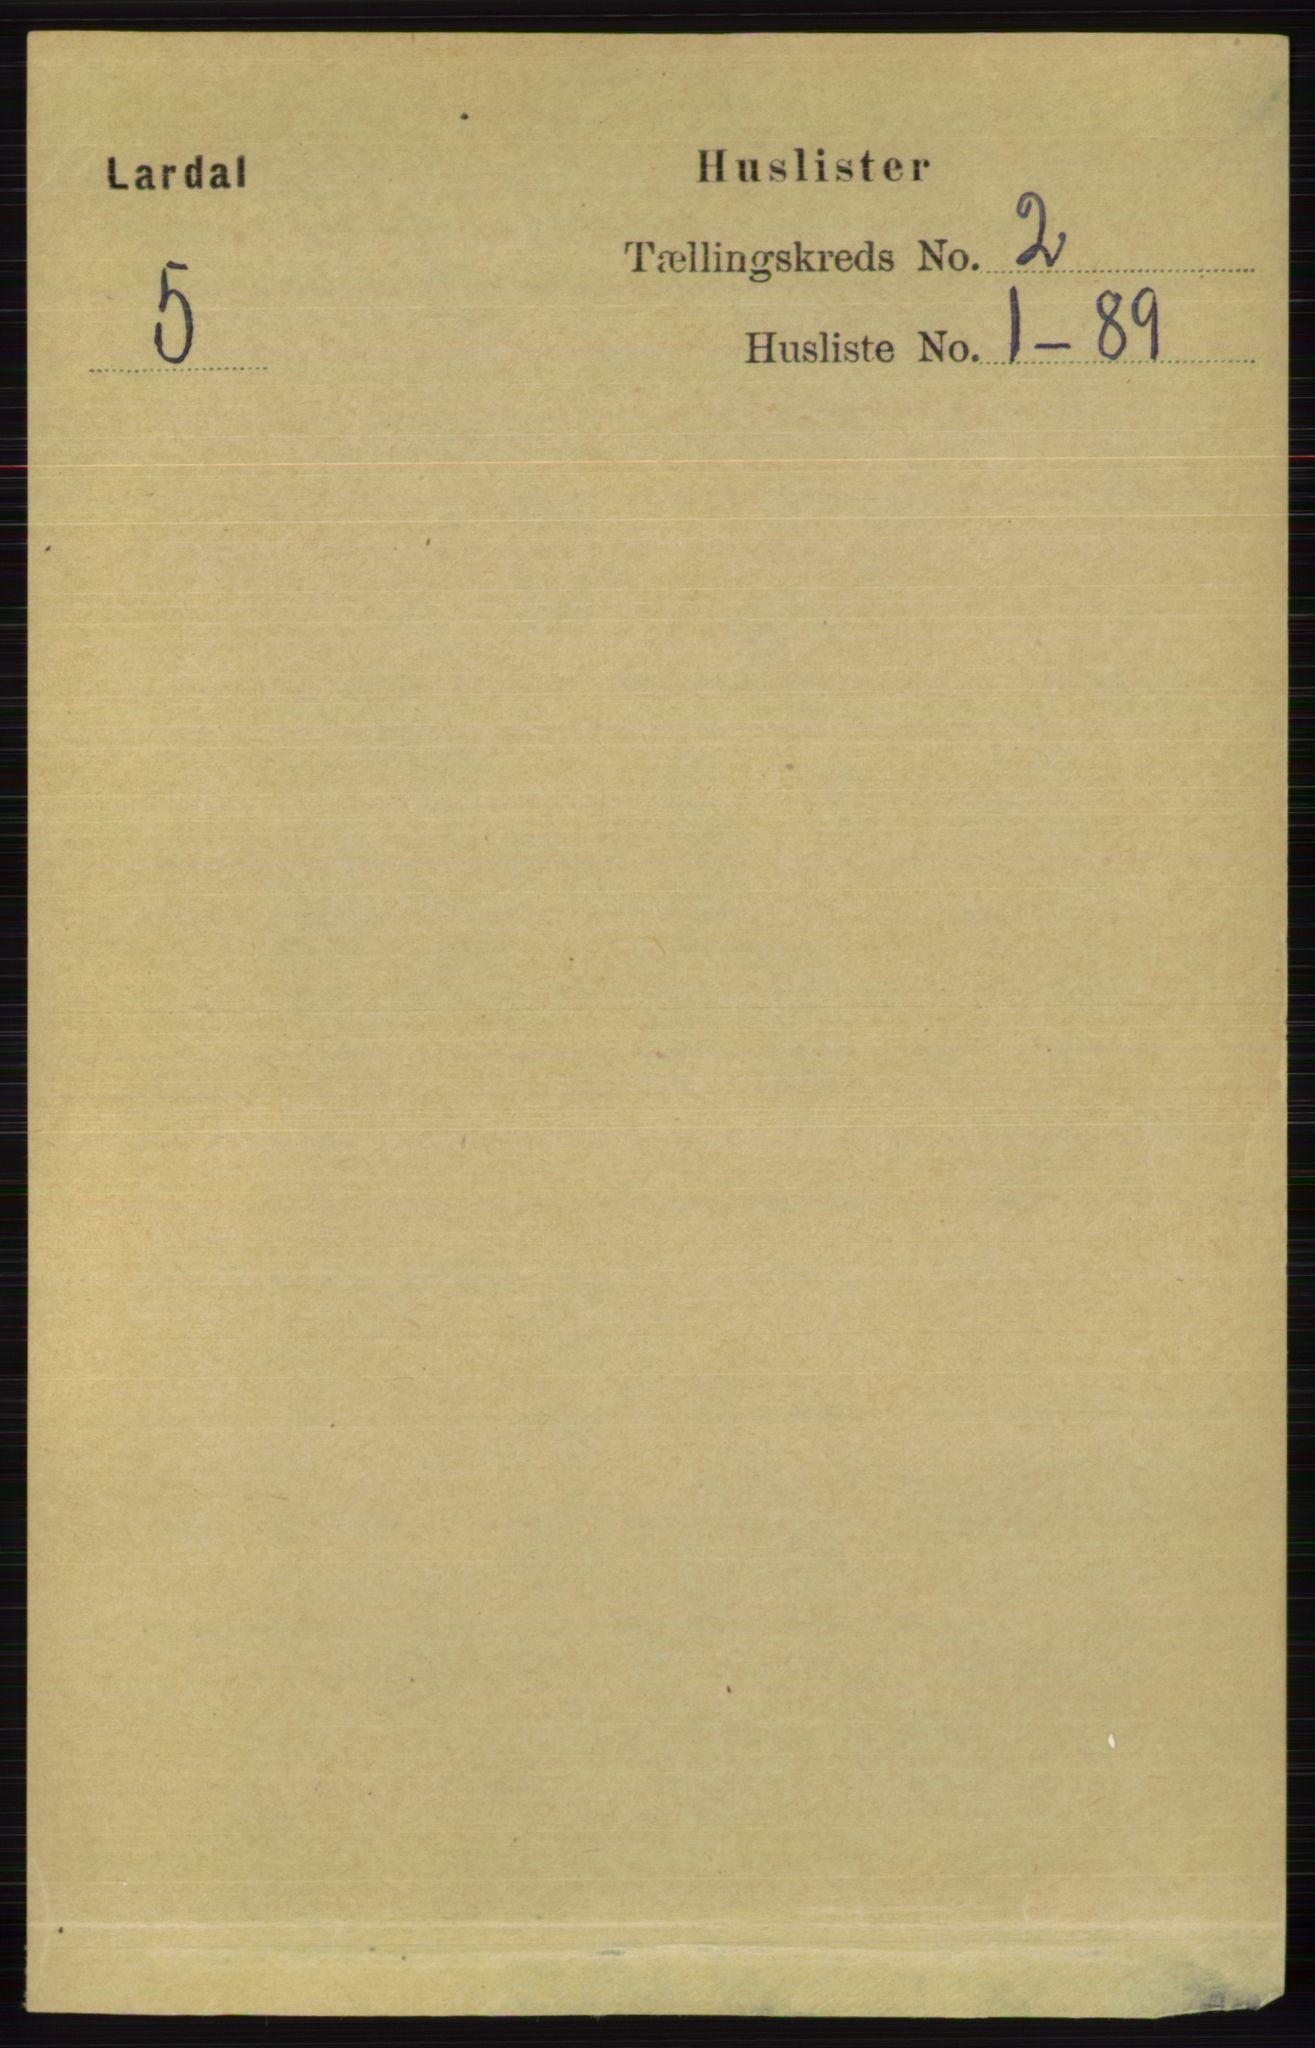 RA, Folketelling 1891 for 0728 Lardal herred, 1891, s. 633